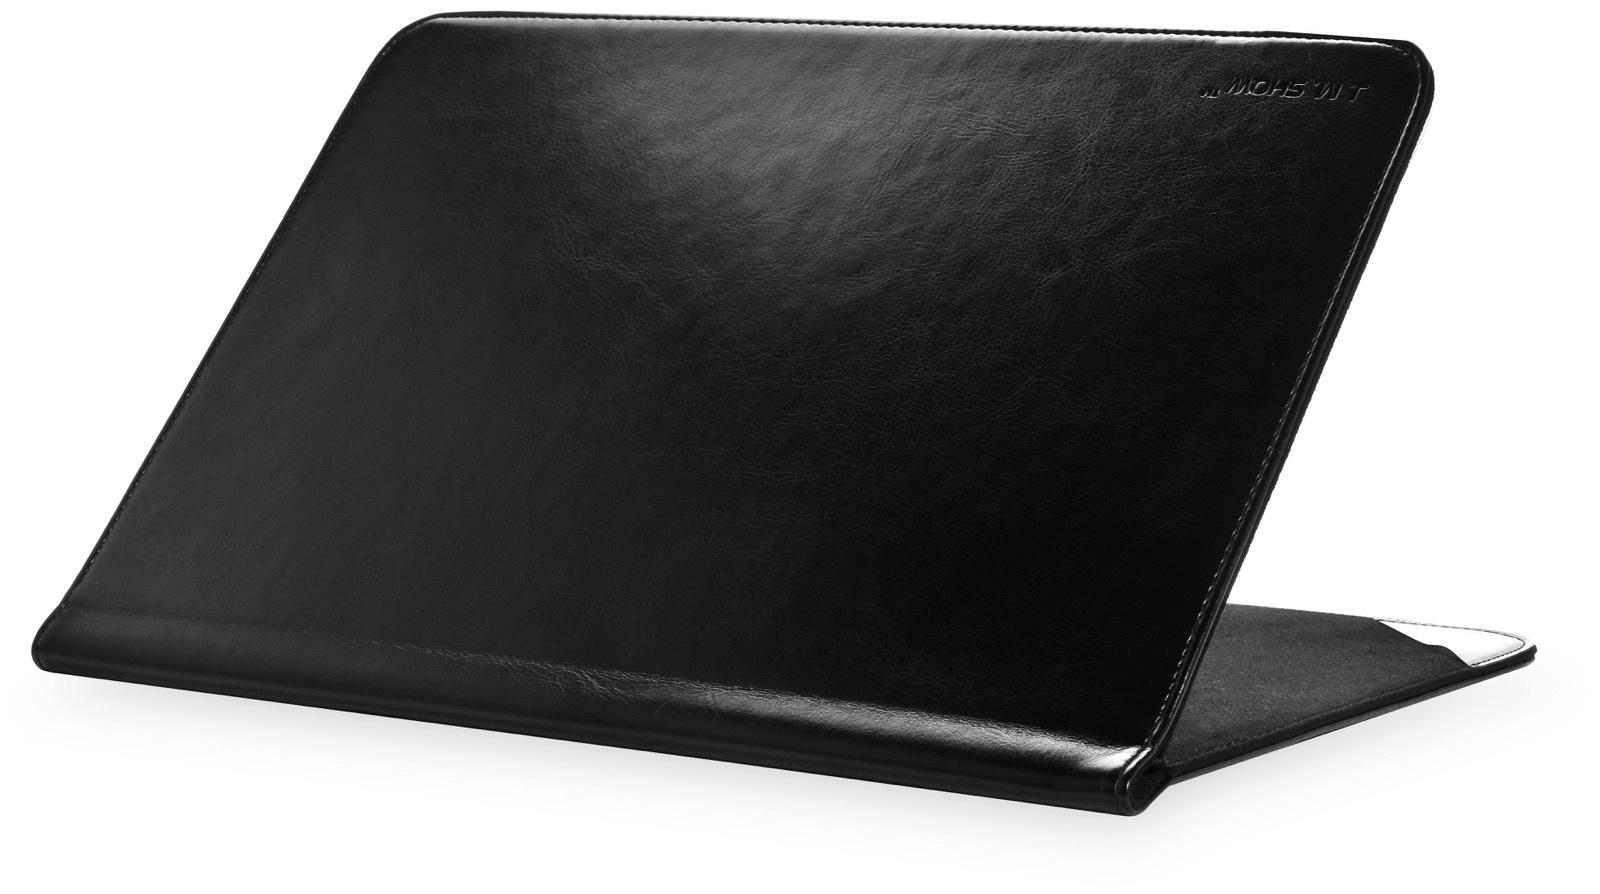 Чехол для ноутбука Gurdini J.M.Show книжка кожа 220056 для MacBook Air 11 ,220056, черный крышка ноутбука